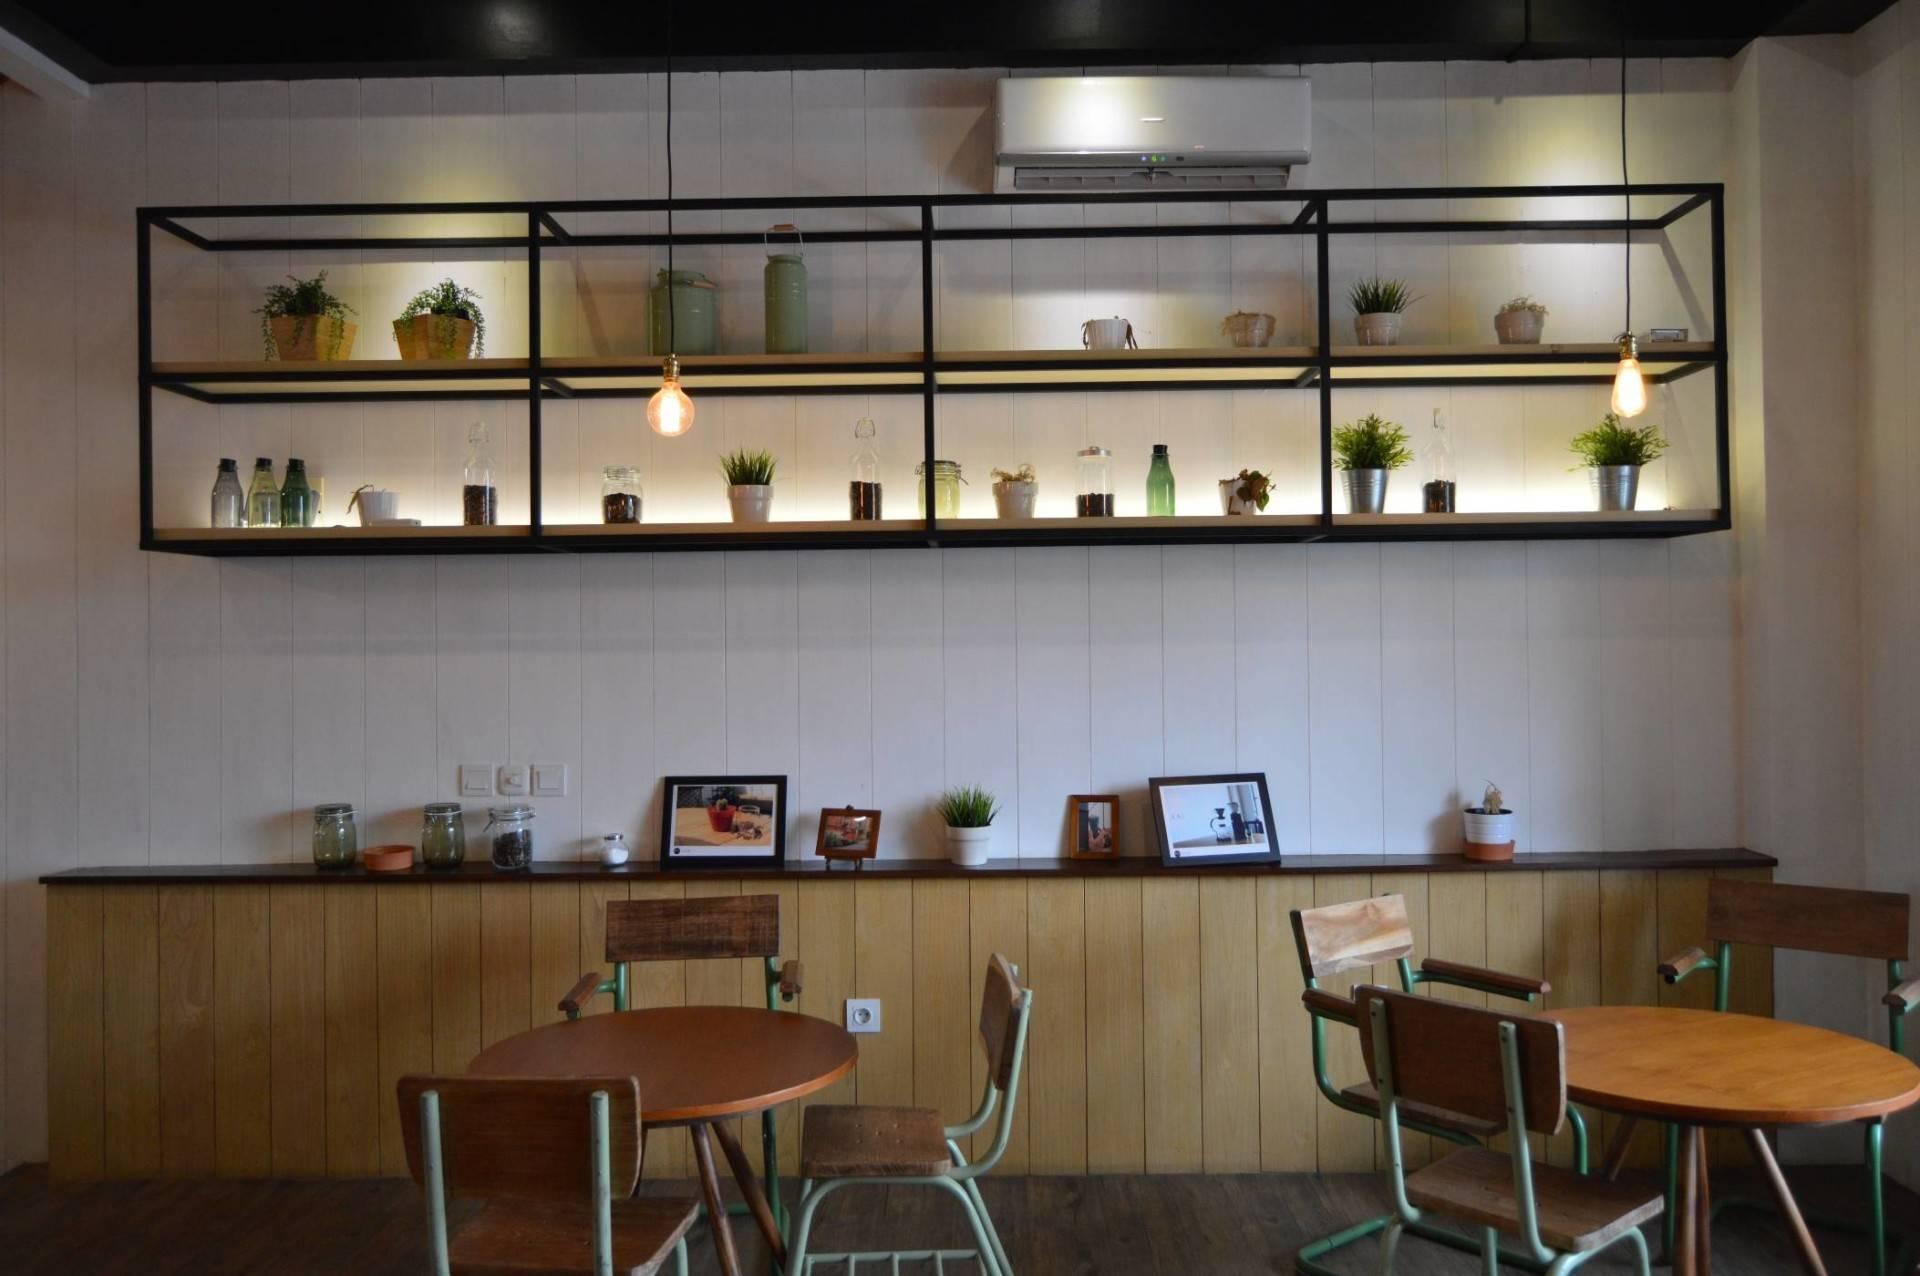 Pt Ergonomi Cipta Karya Voyage Coffee & Dessert Gading Serpong, Tangerang Gading Serpong, Tangerang Seating Area Minimalis  6985